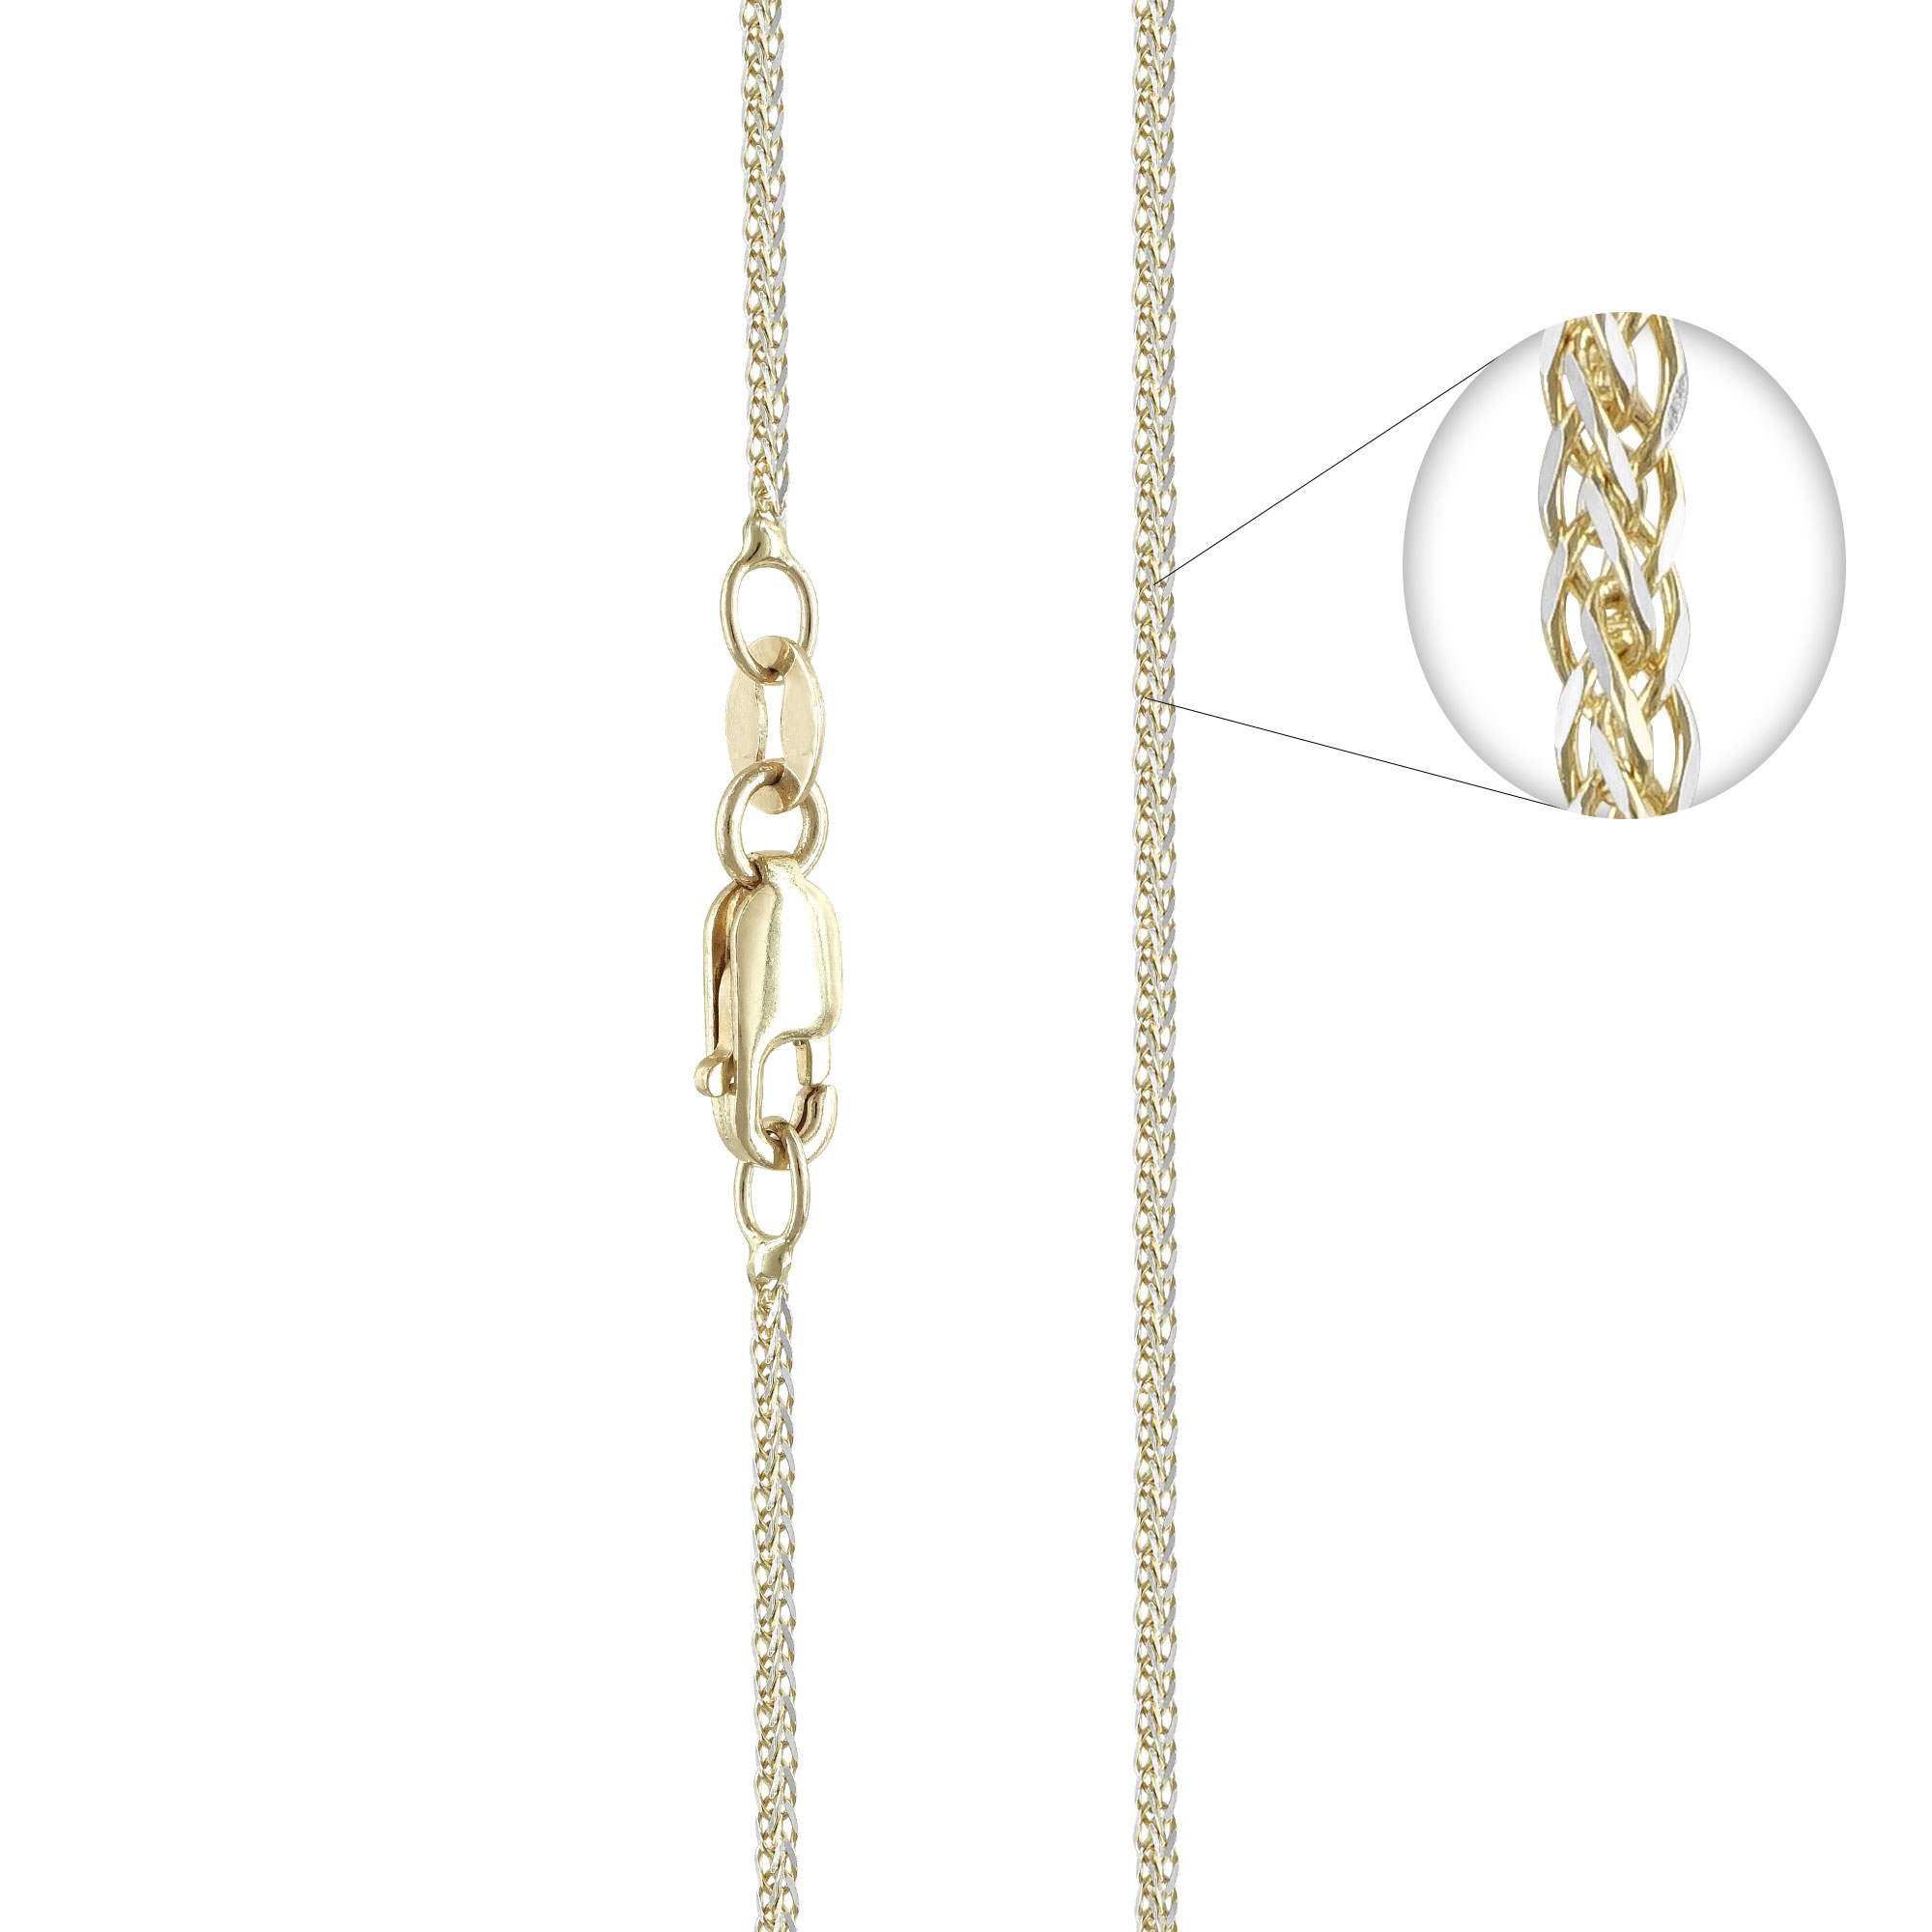 Δίχρωμη Χρυσή Αλυσίδα Σπίγγα #1 AL114 k14 45cm